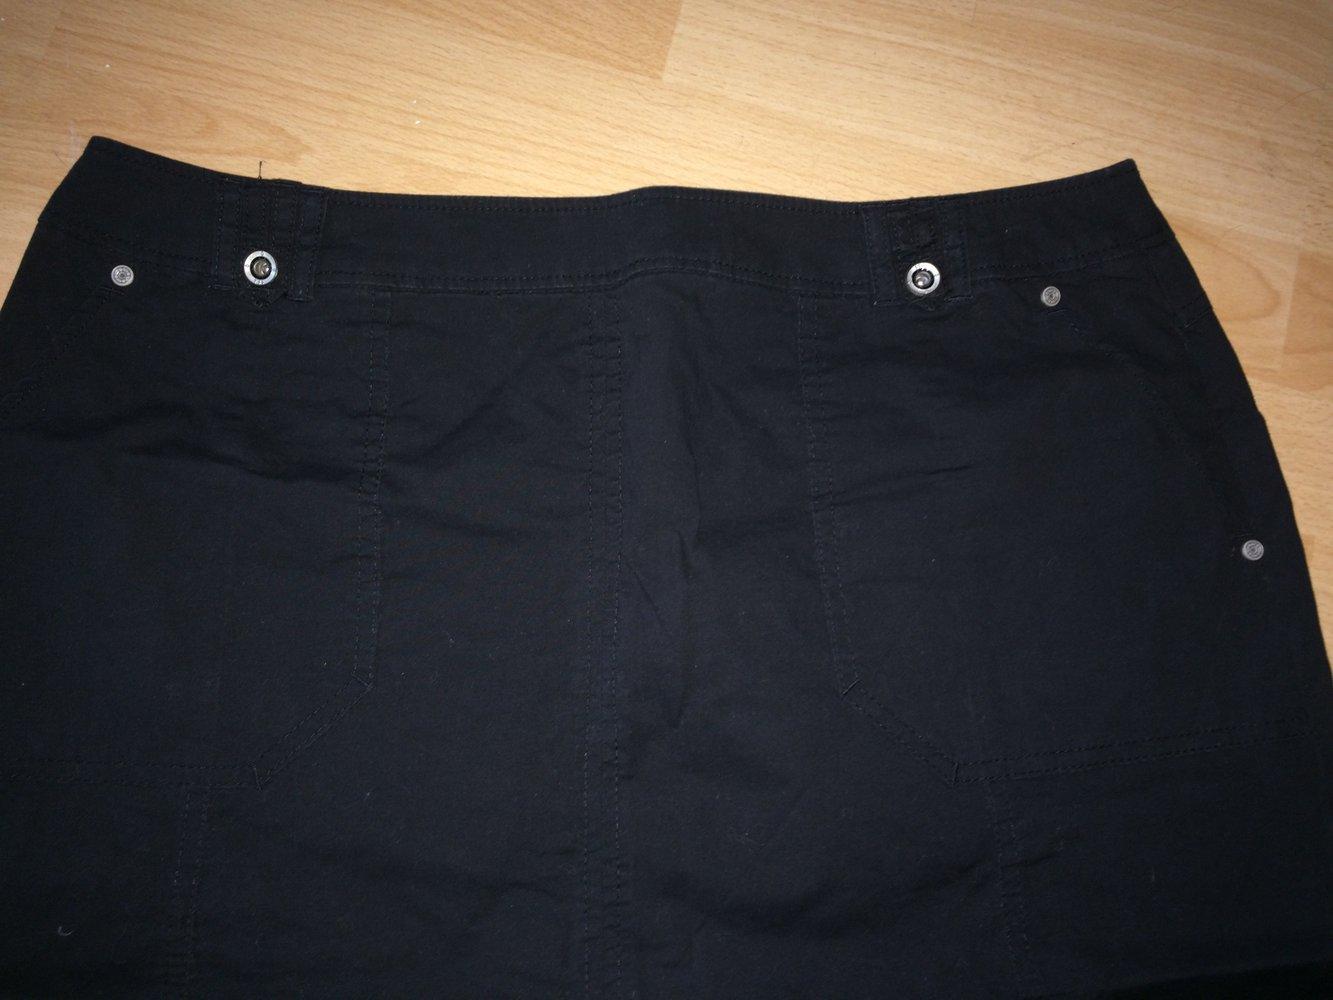 f914af2e5579 C A Rock, schöner Damenrock, schwarz, in Gr. 46    Kleiderkorb.de